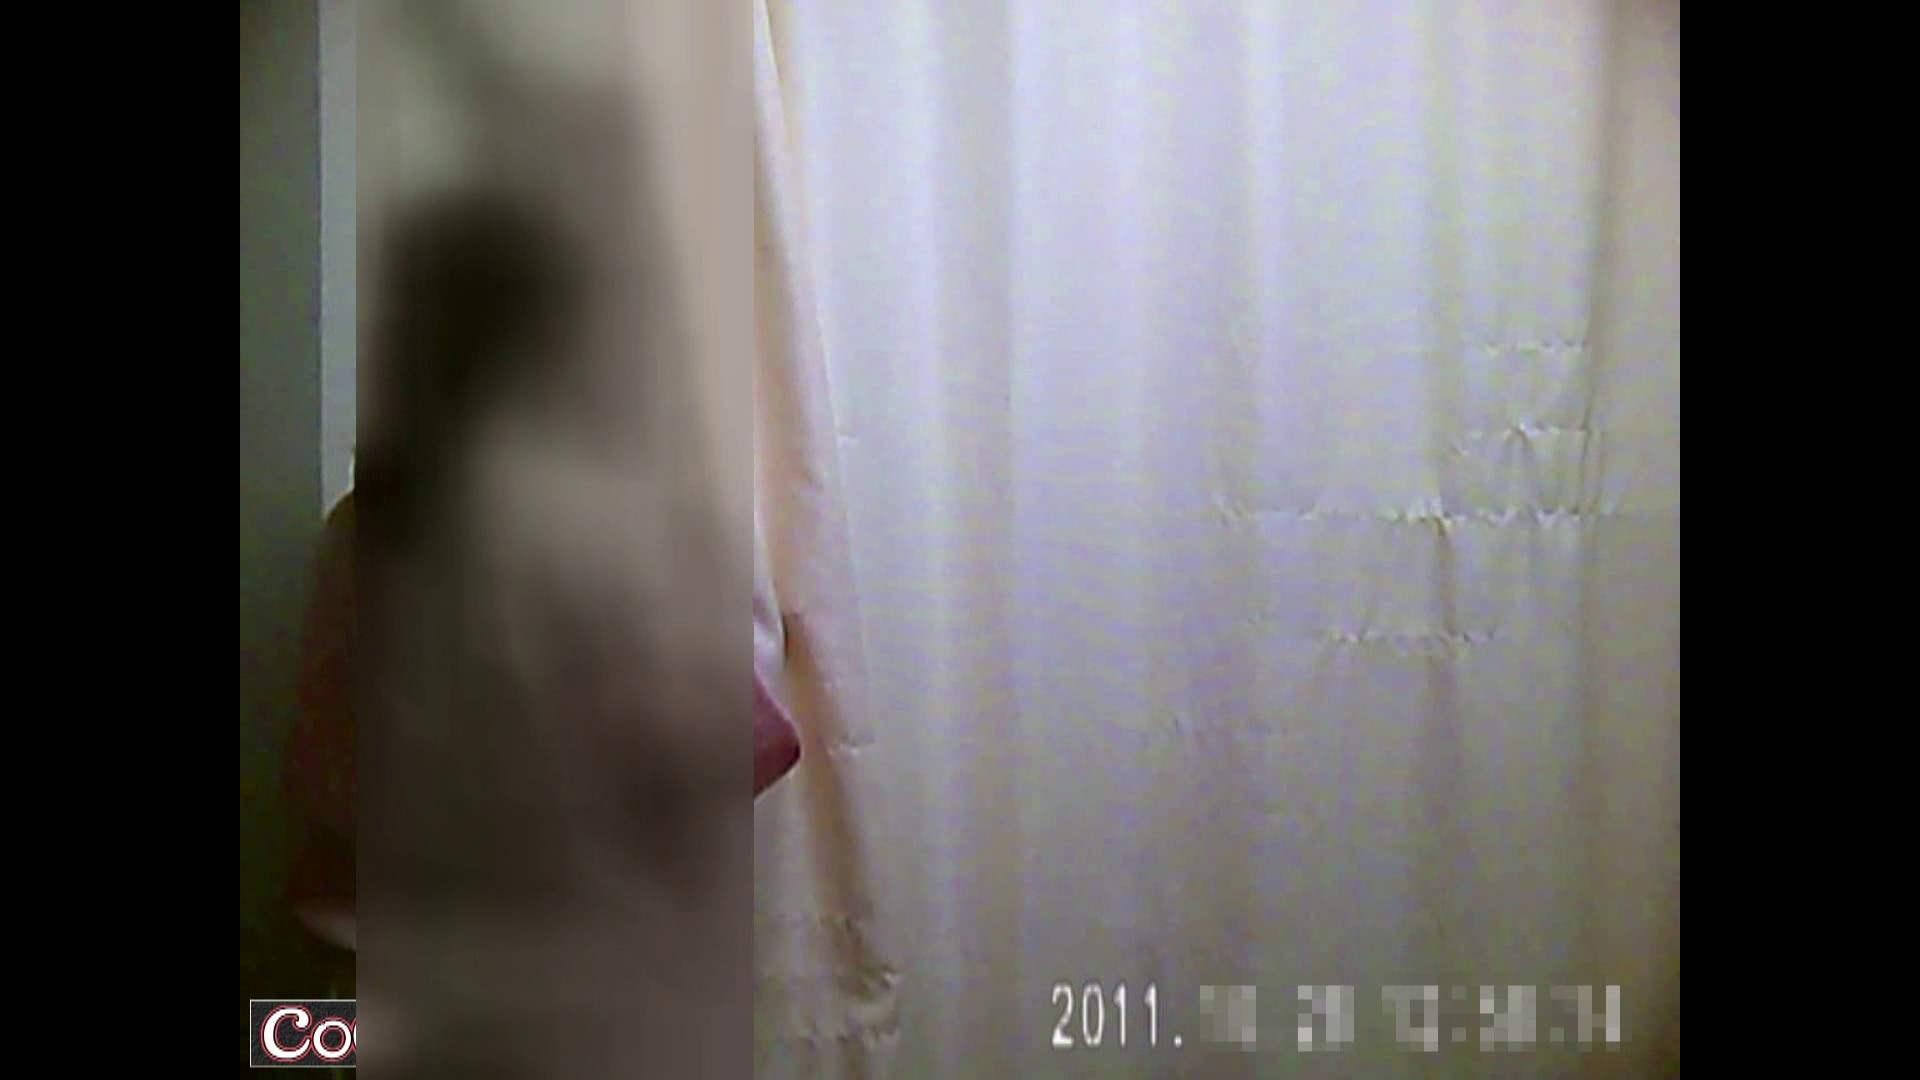 病院おもいっきり着替え! vol.75 いやらしいOL SEX無修正画像 41連発 11